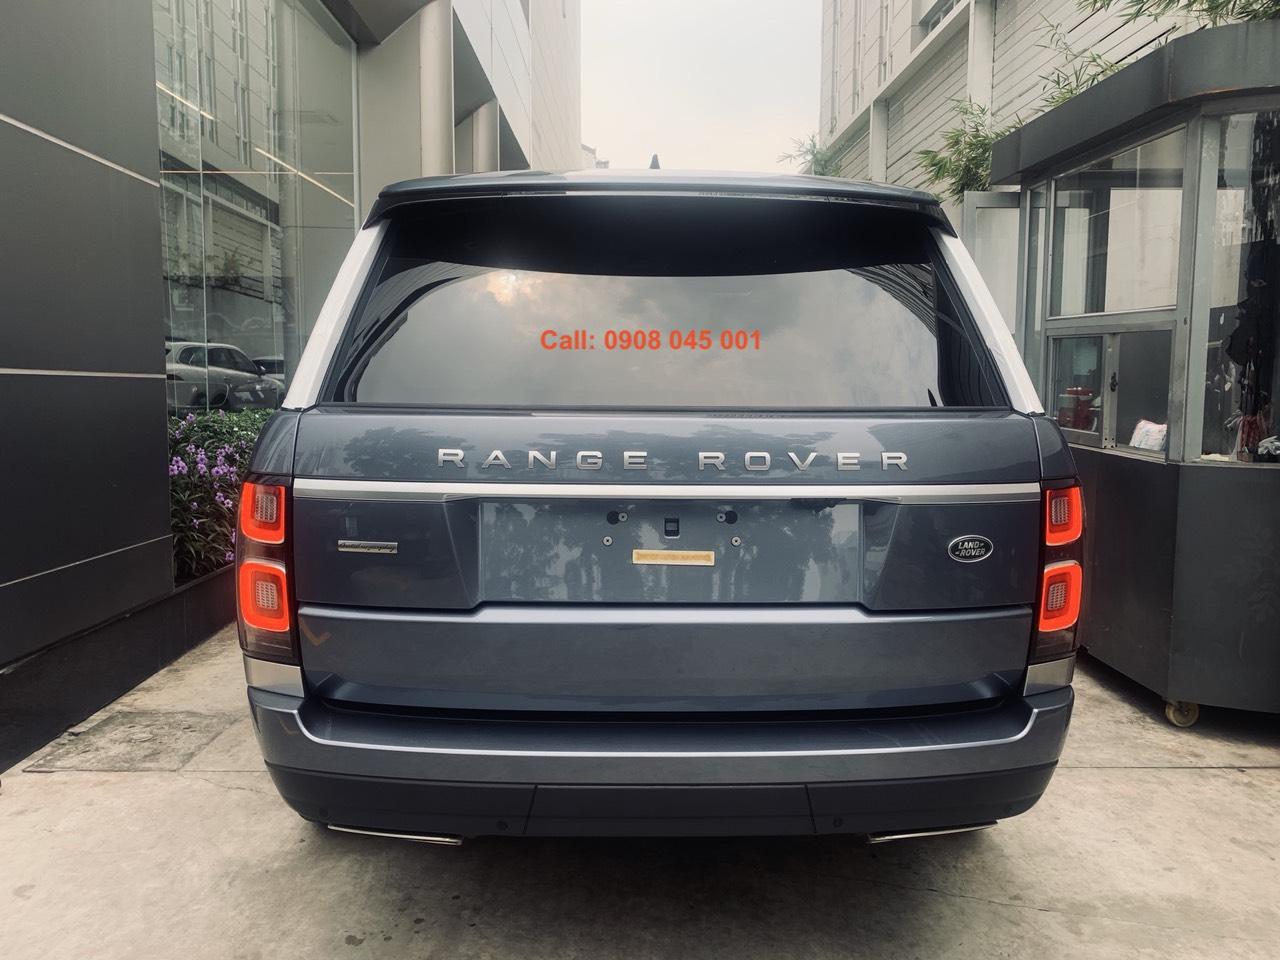 Range Rover Autobiography LWB 2020 Có Gì Mới, Xe SUV 5 chỗ nhập khẩu chính hãng từ anh quốc về Việt Nam có giá bán bao nhiêu tiền, xe bản cao cấp nhất có bàn làm việc